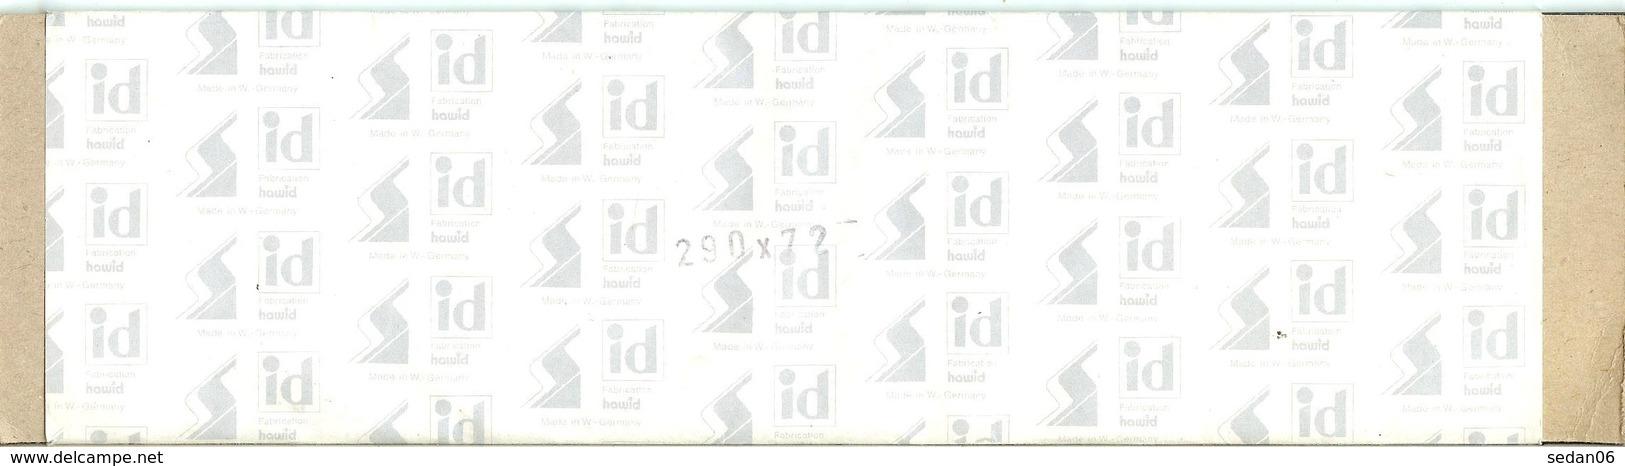 I.D. - Bandes 290x72 Fond Noir (double Soudure) - Bandes Cristal